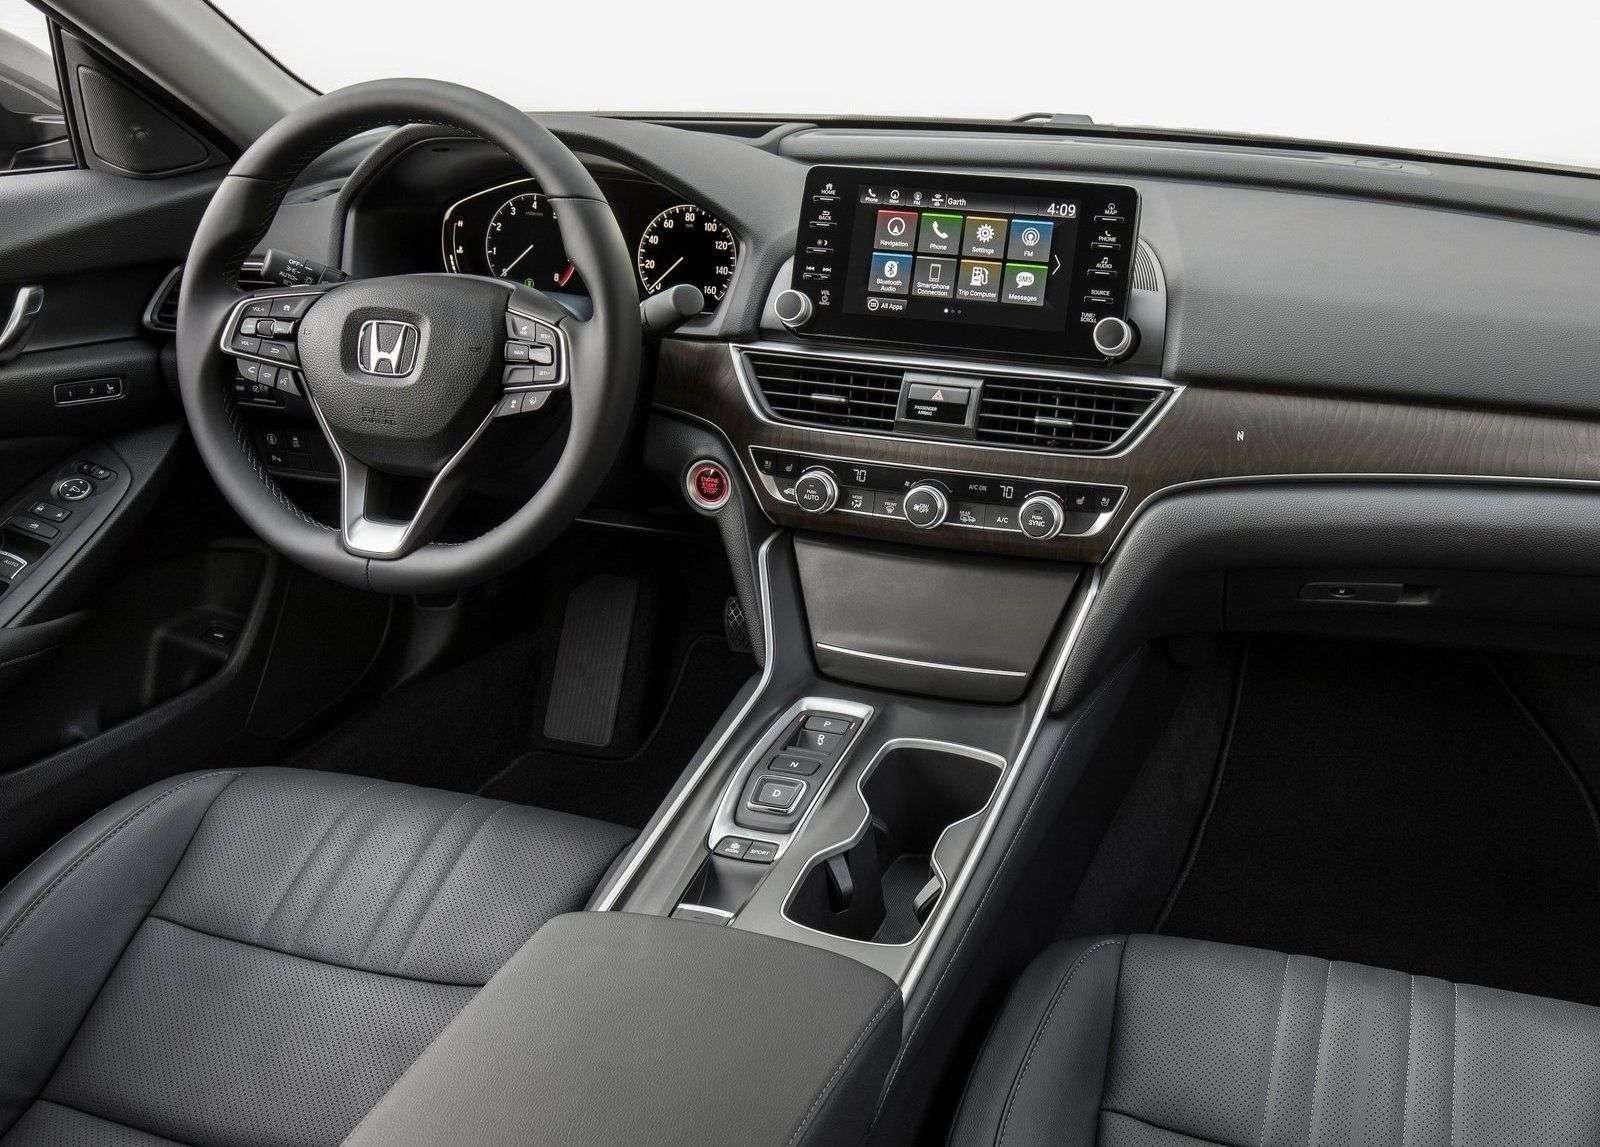 Обзор седана Honda Accord 2018: технические характеристики, комплектации, цена